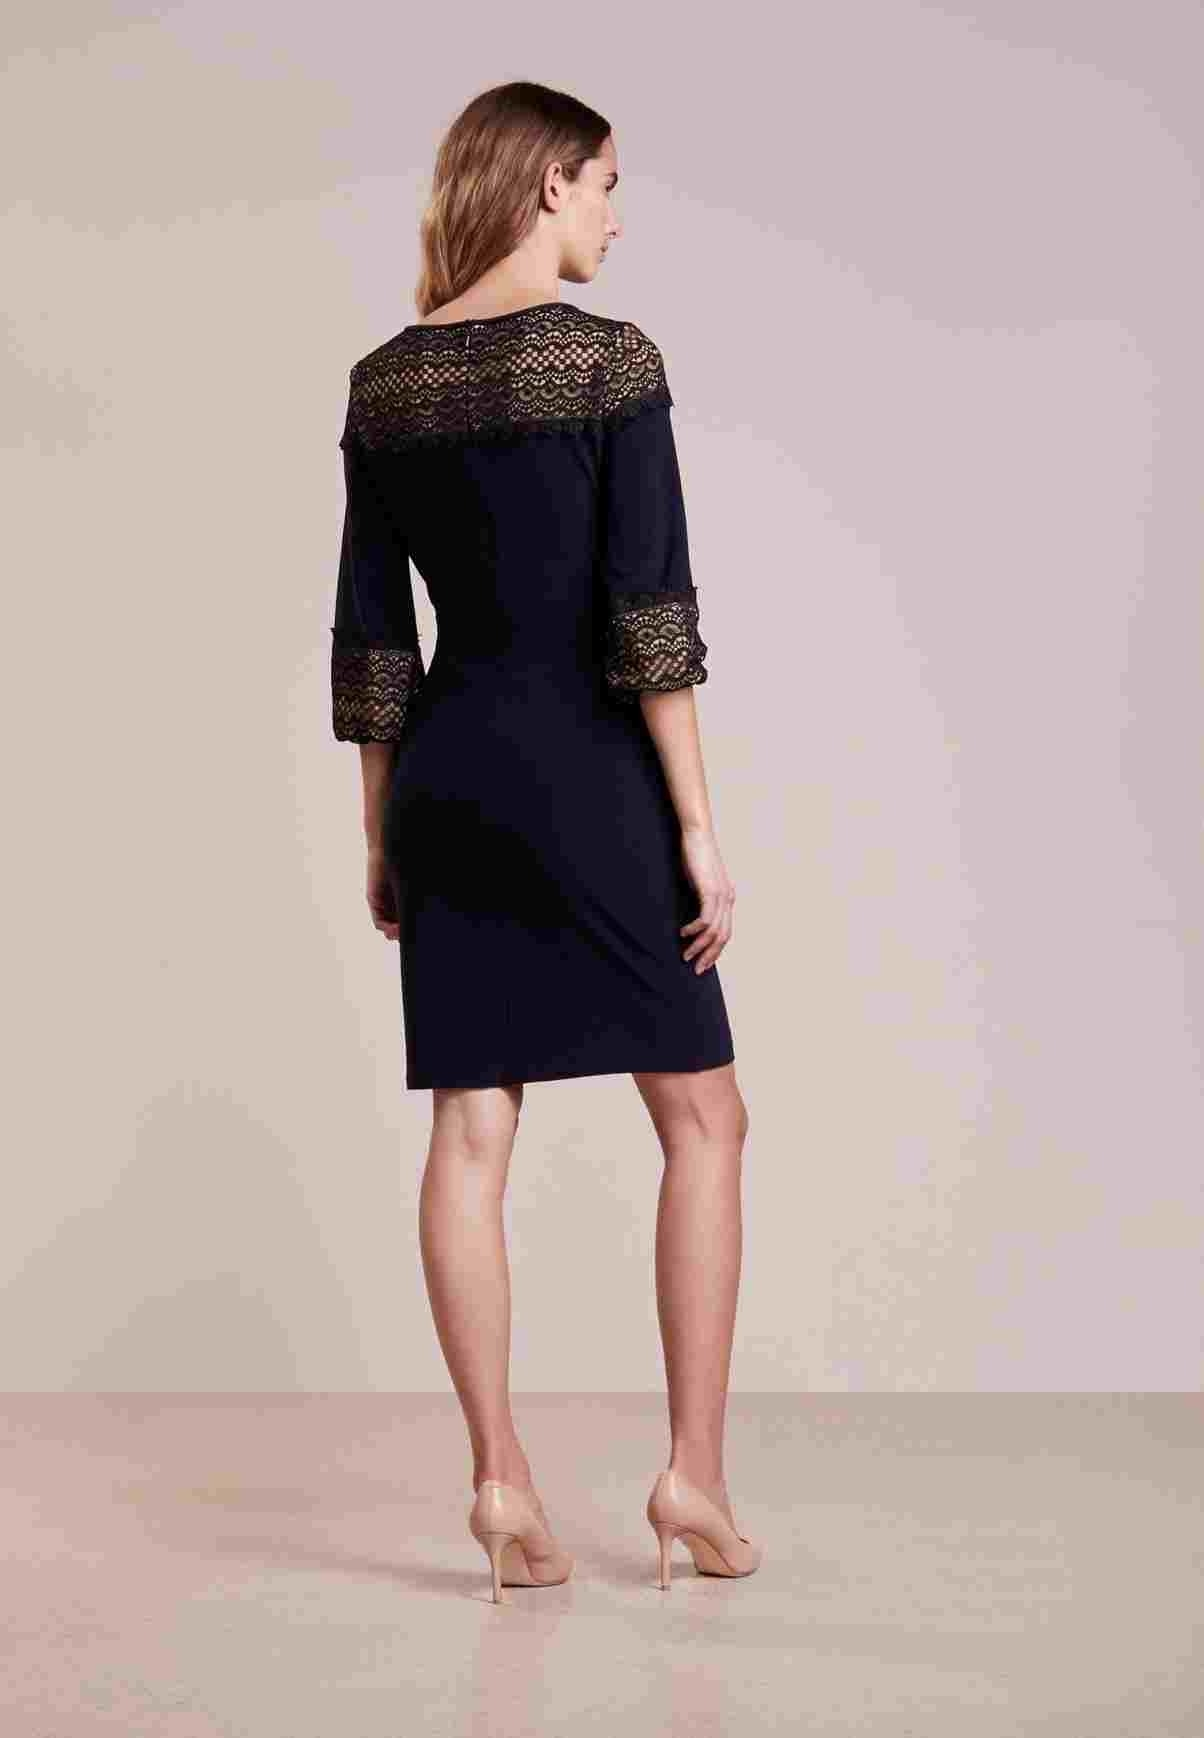 10 Fantastisch Festliches Kleid 48 Galerie Schön Festliches Kleid 48 für 2019